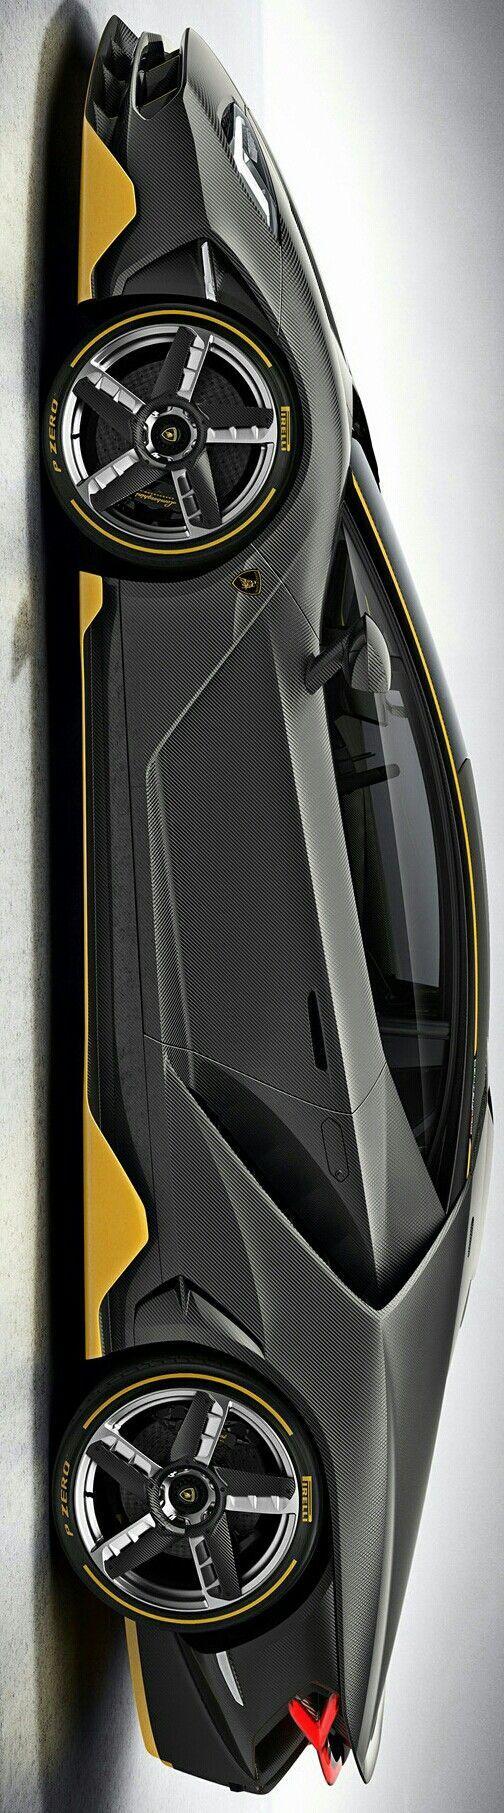 2016 Lamborghini Centenario by Levon - https://www.luxury.guugles.com/2016-lamborghini-centenario-by-levon-5/